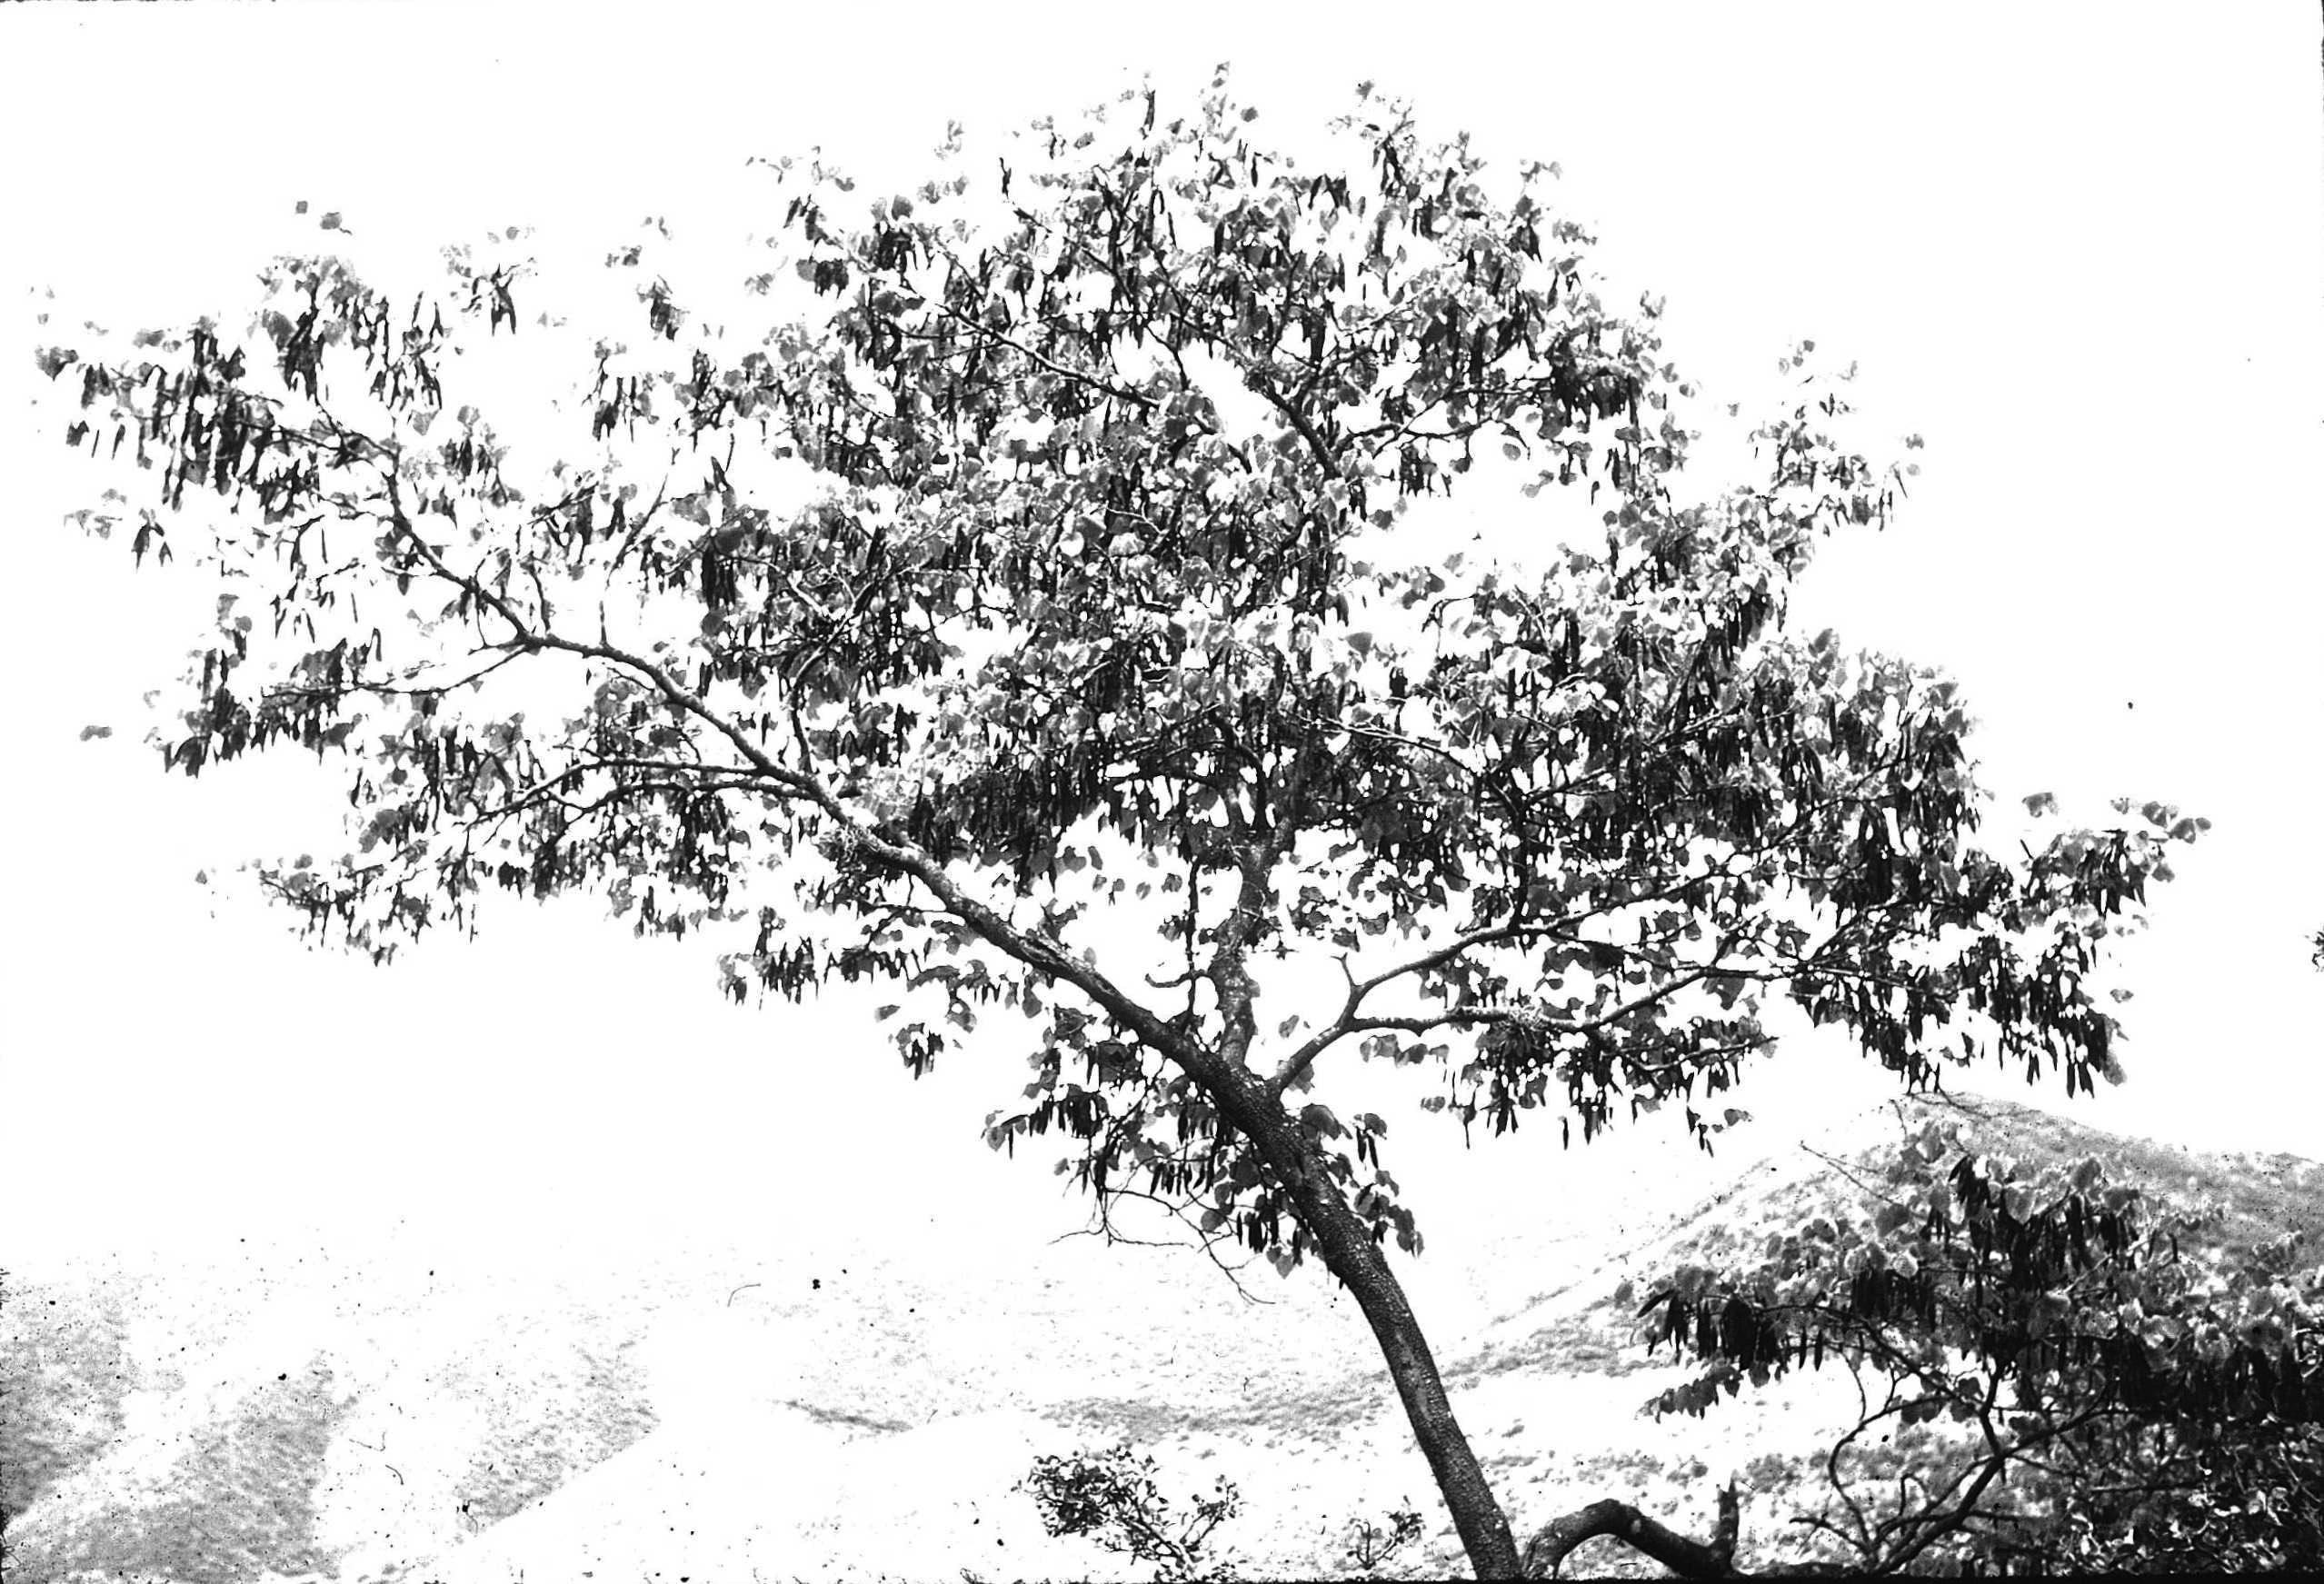 El duraznillo Cercis canadensis L. var mexicana (Rose) M. Hopk. En fructifi- cación. Se agradece la asistencia del Dr. A. Eduardo Estrada Castillón.